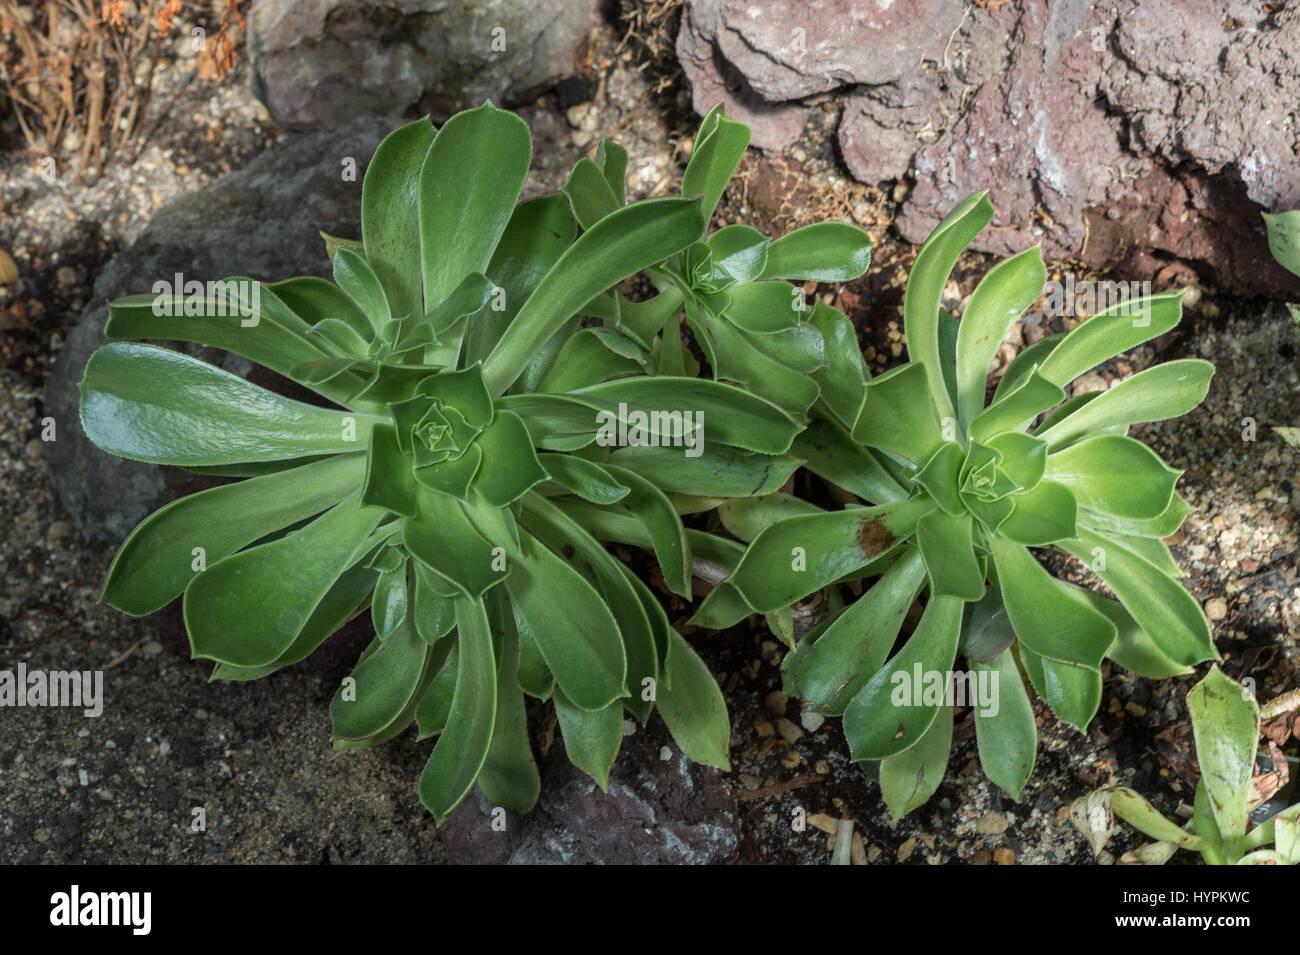 Saucer Plant, Aeonium urbicum, Crassulaceae, Lanzarote, Canarian Island, Spain, endemic - Stock Image